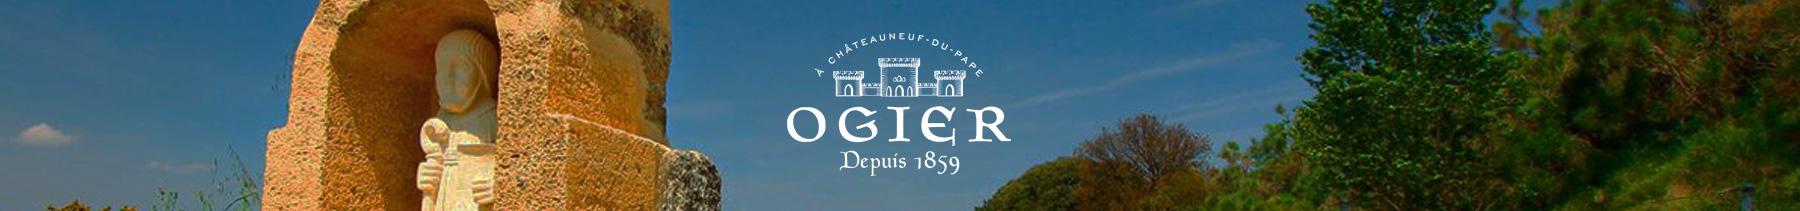 Antoine Ogier